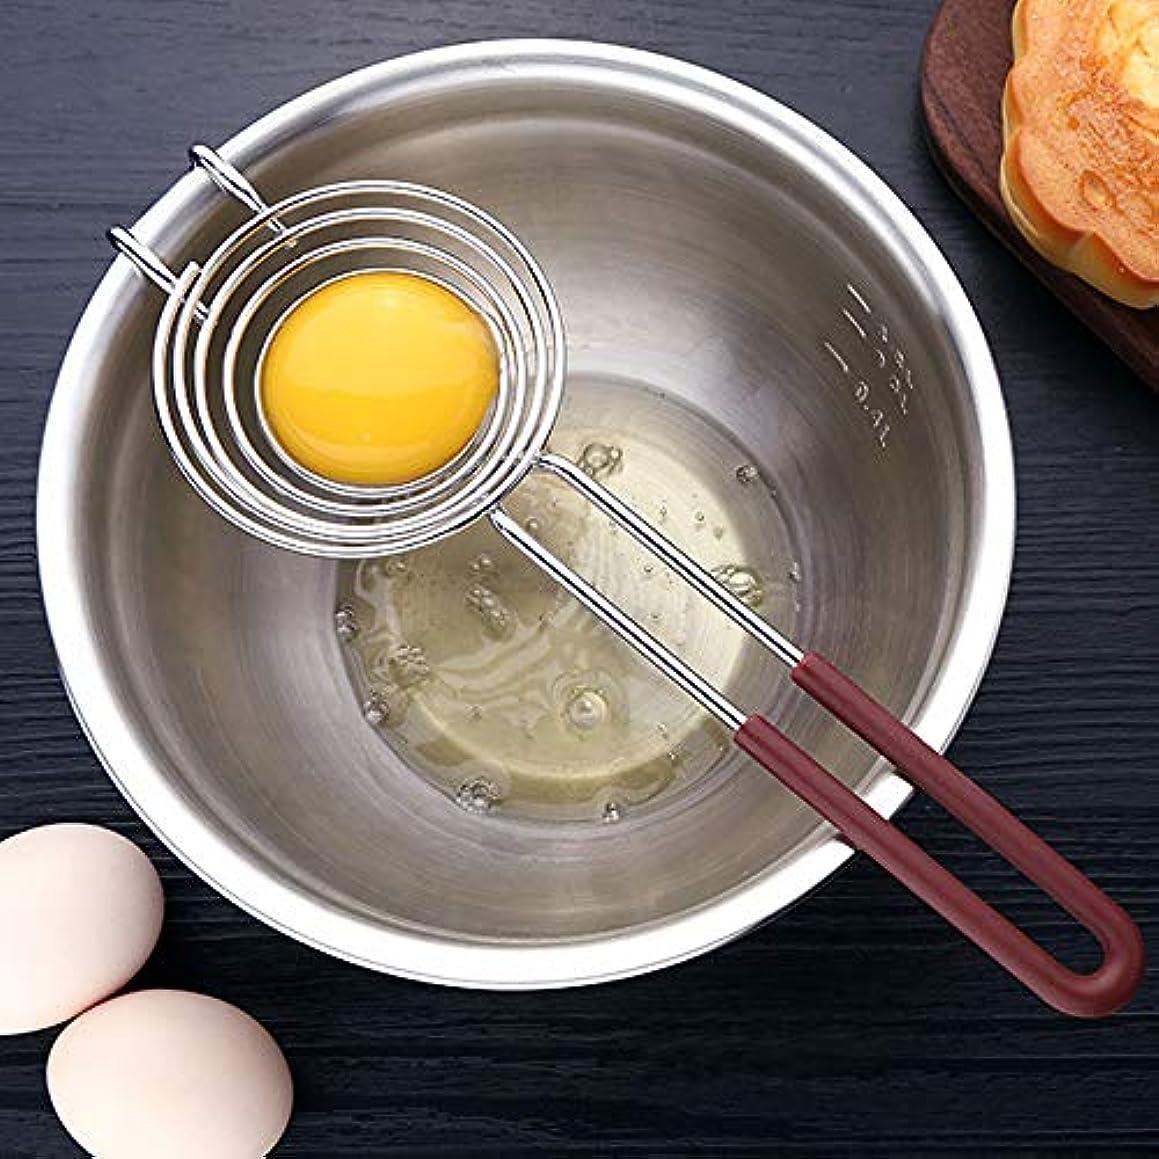 Egg Separator, Utoptech Silicone Food Grade Stainless Steel Hand-held Long Hand Egg Folk White Strainer Divider Filter